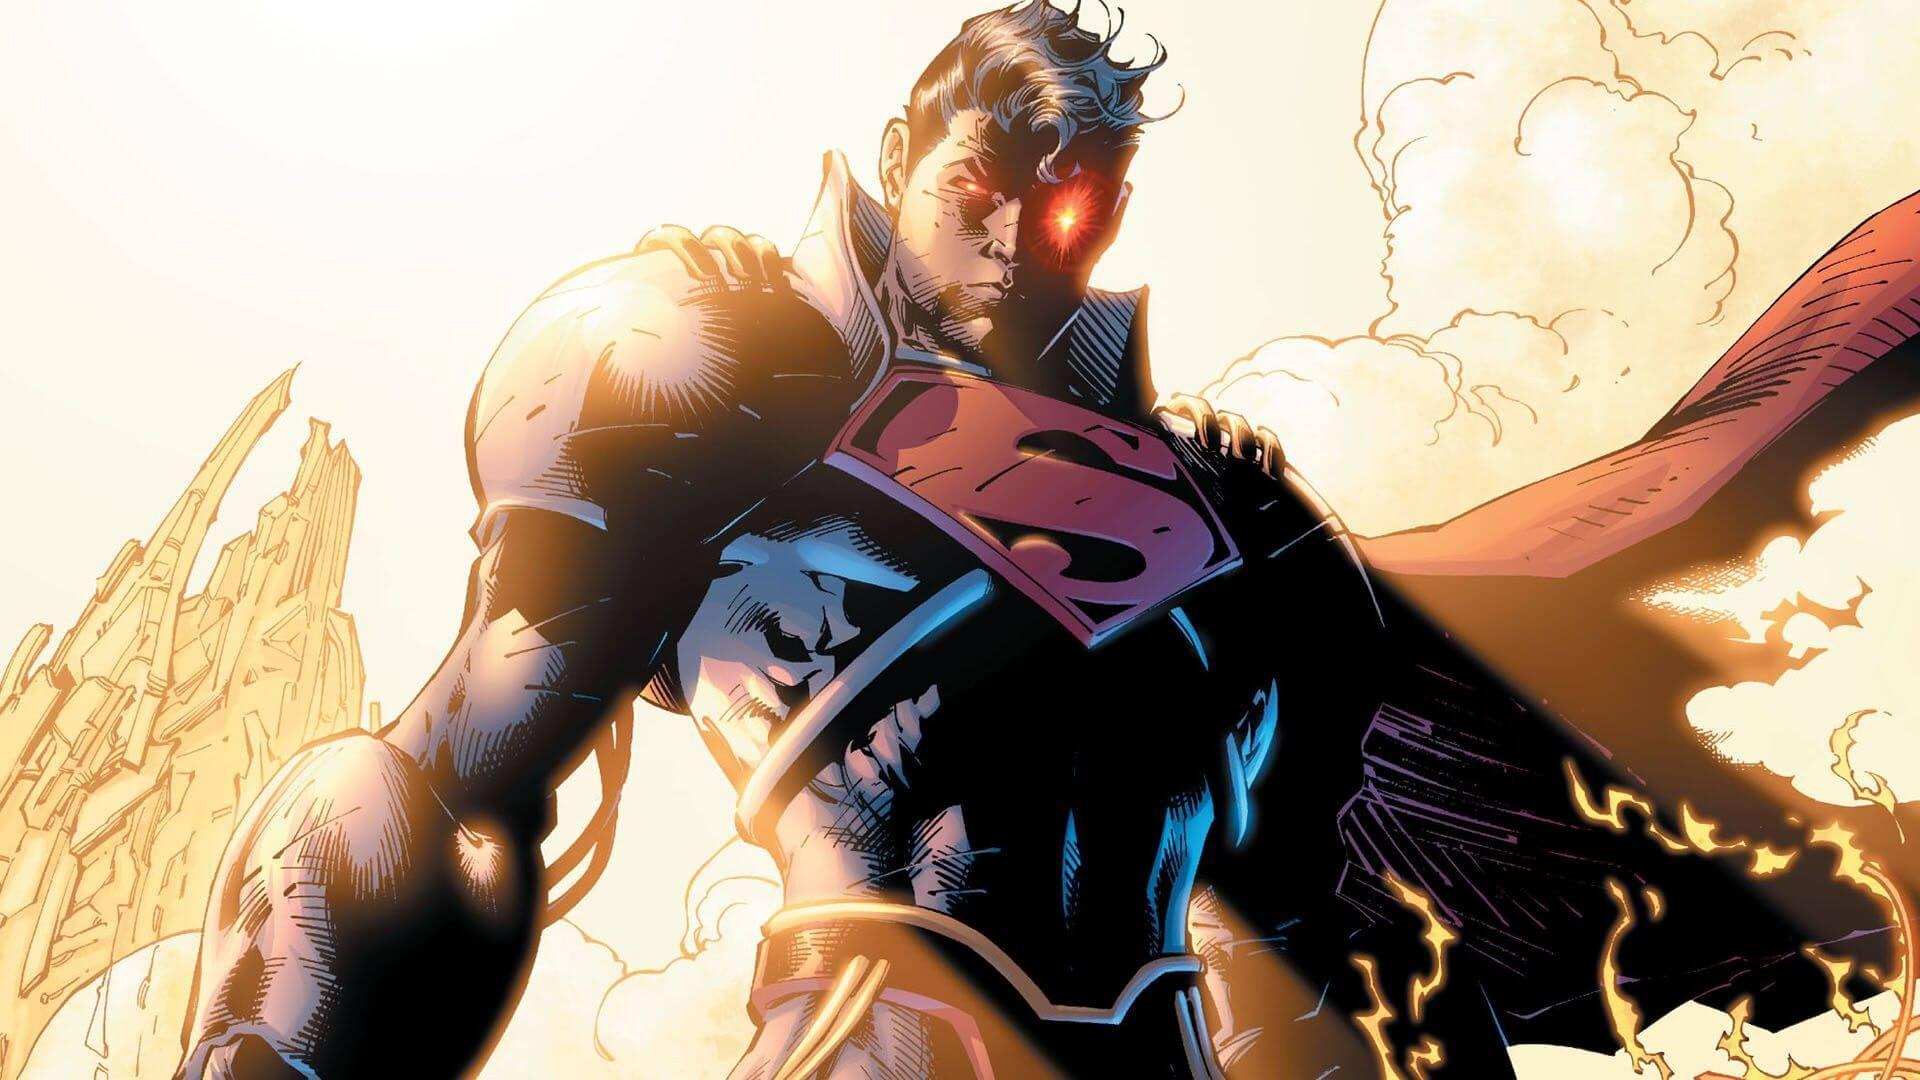 Superboy-Prime Returns in Shazam!